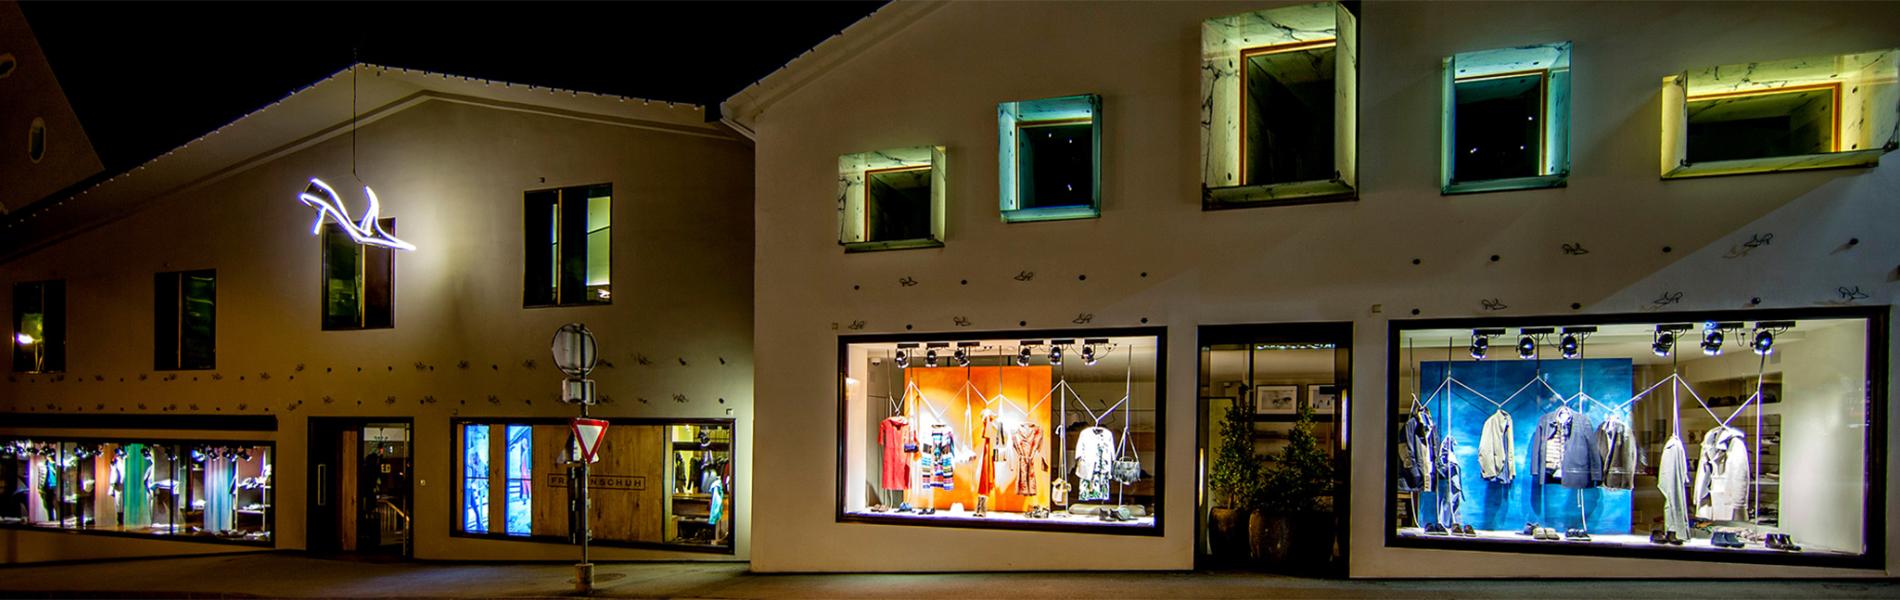 Abseits der Pisten Hotel Rosengarten 5 Sterne Hotel Relais & Châteaux Hotel Kirchberg Tirol Austria